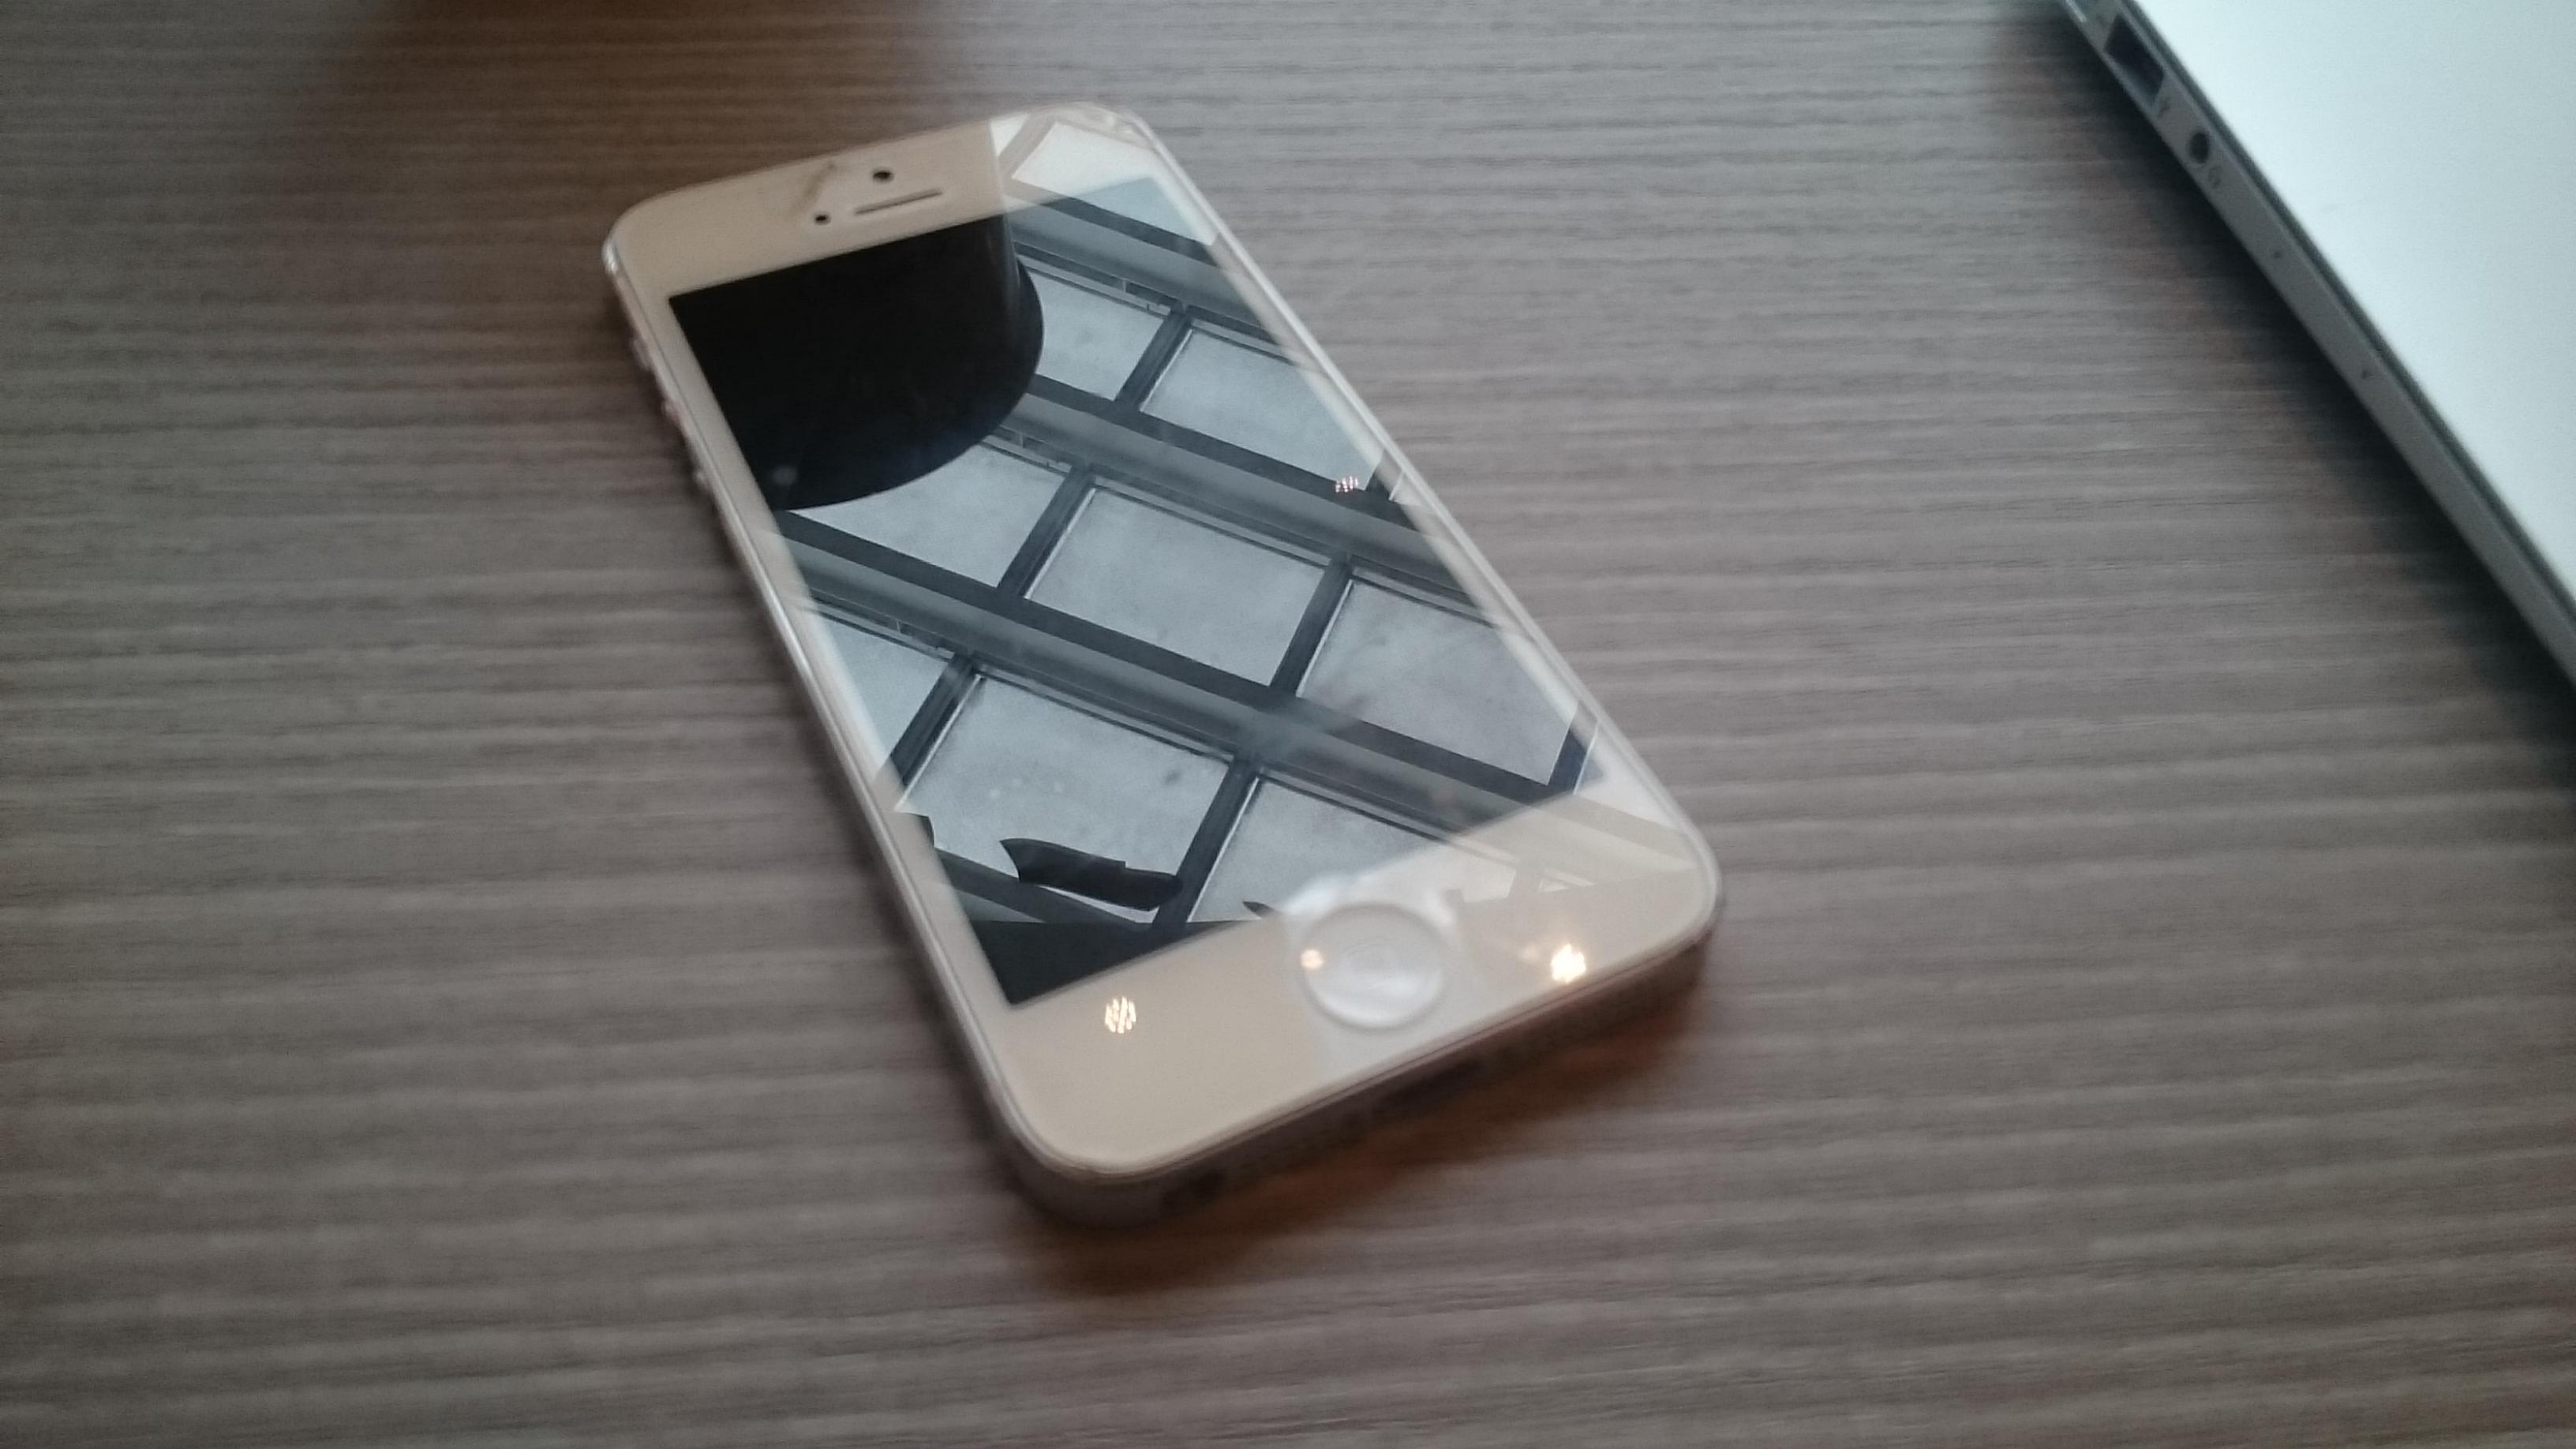 安いスマホでいいけどできればiPhoneがいい!それならワイモバイル